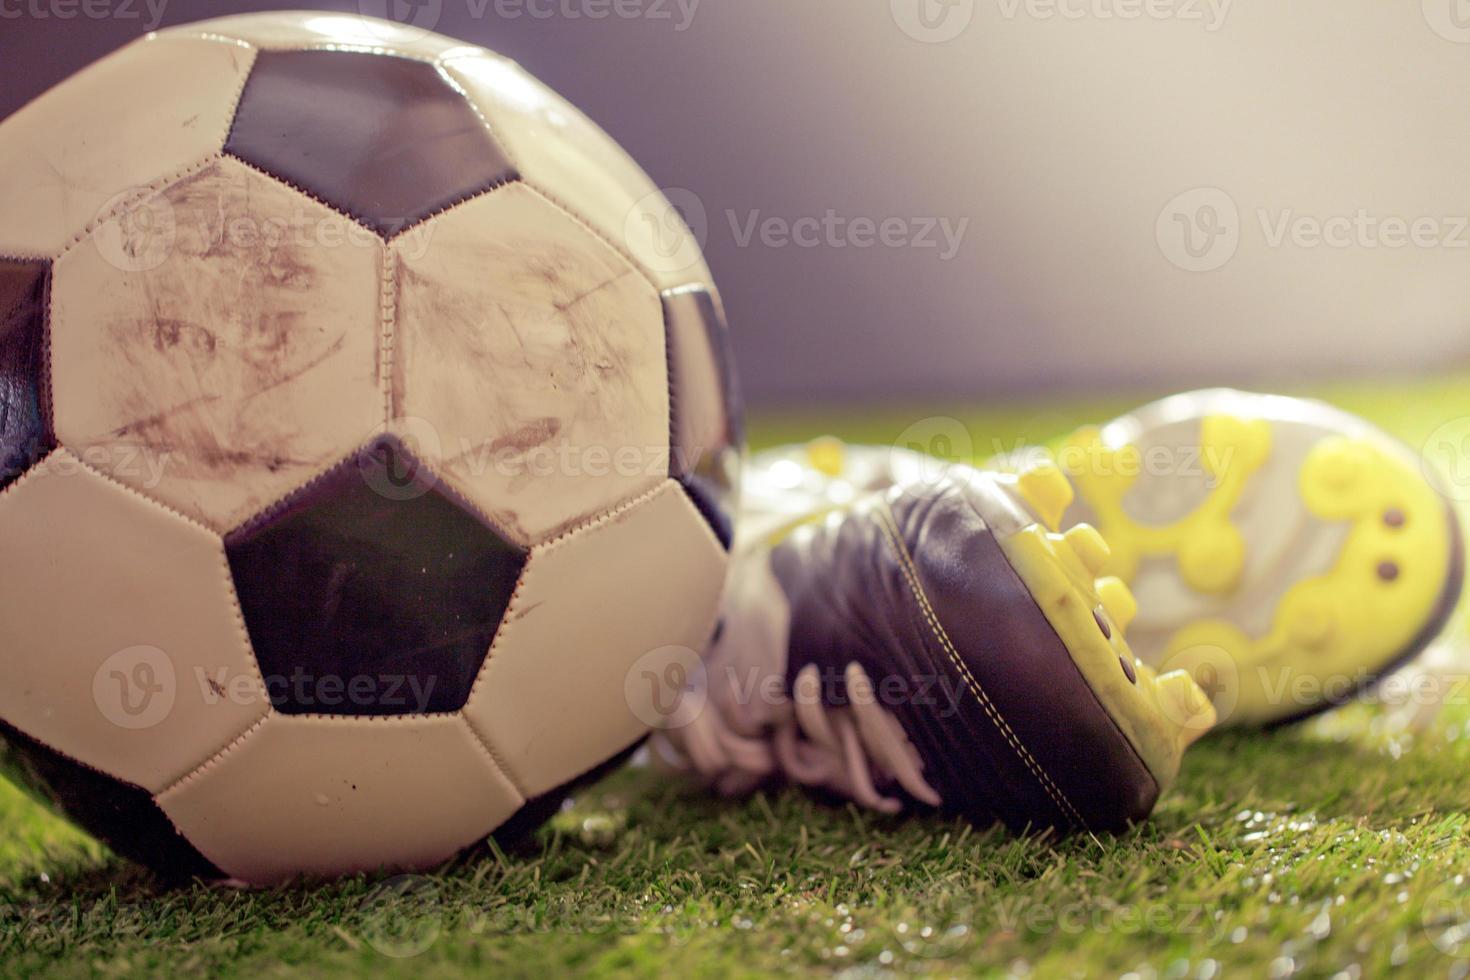 schoenen & voetbal foto